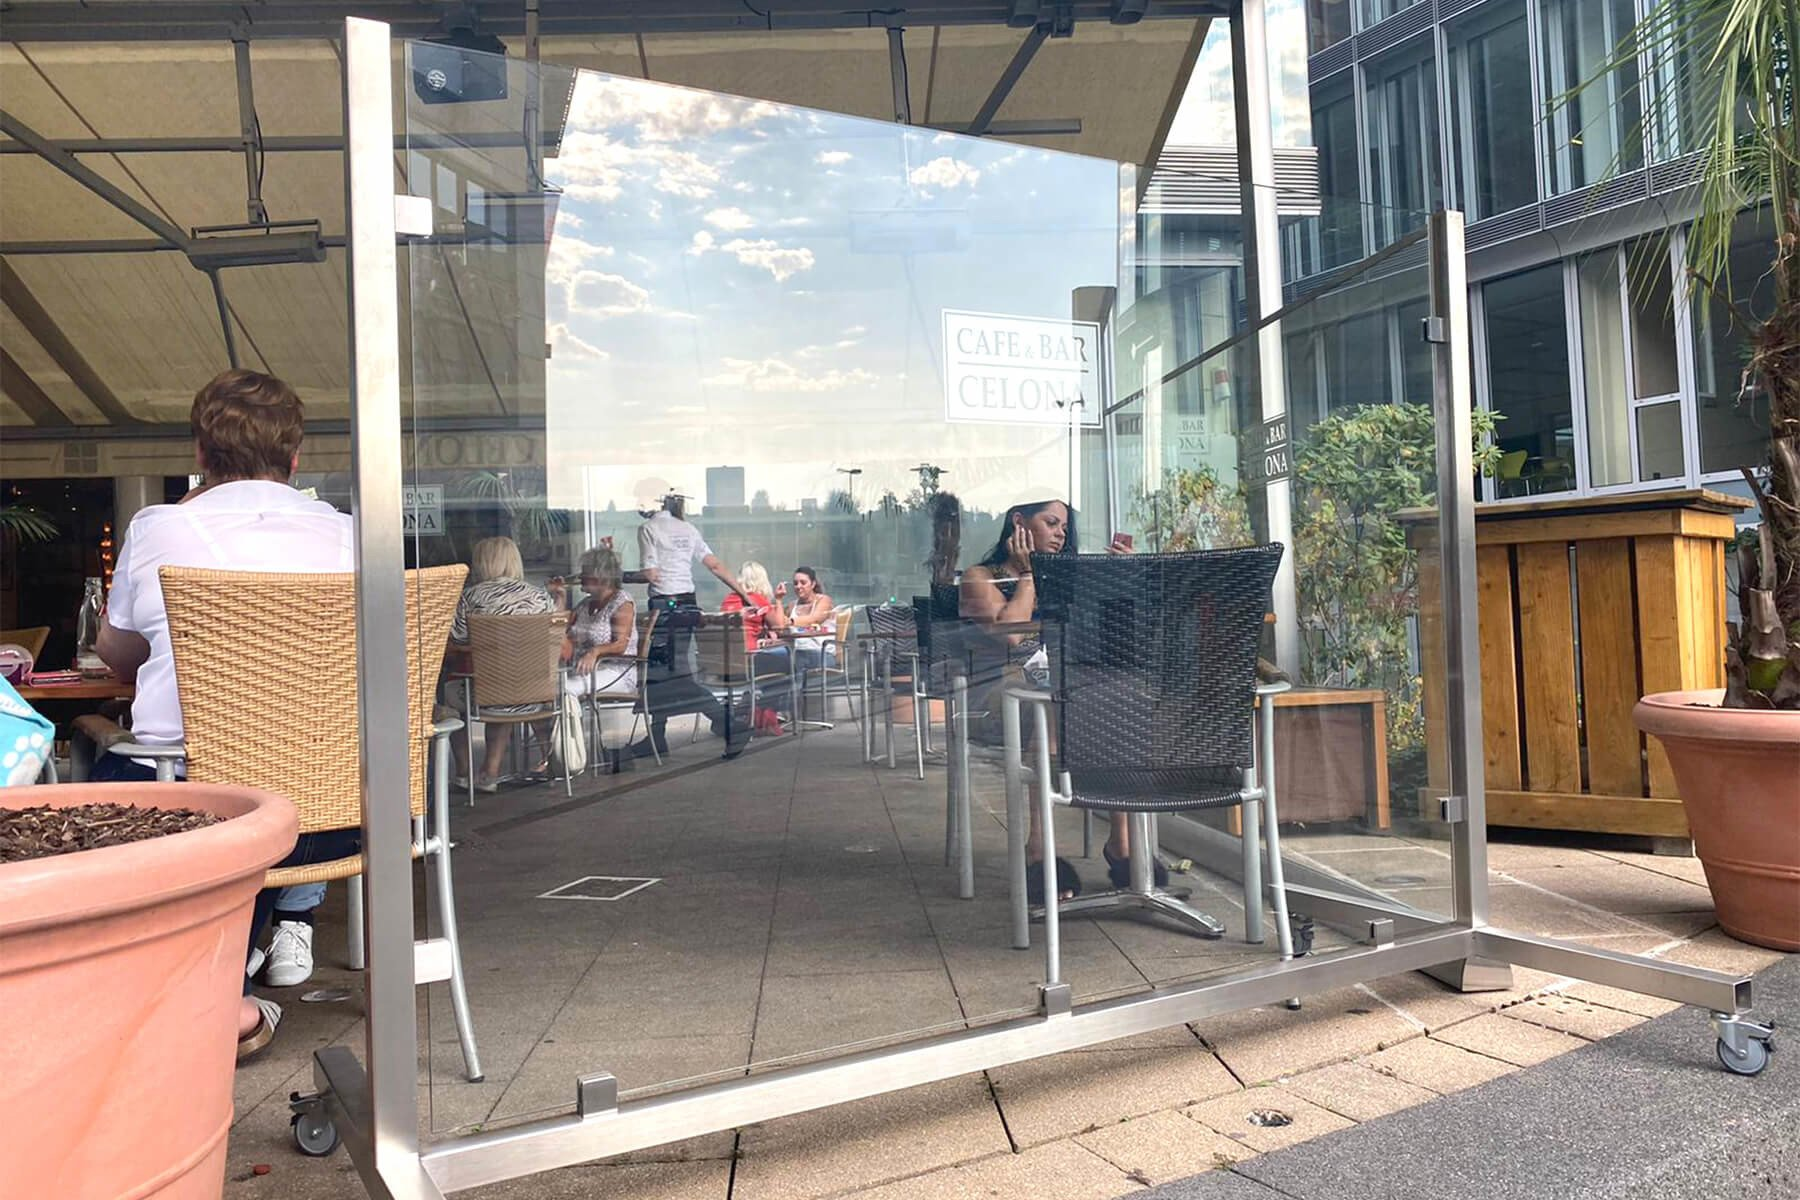 Moderner eleganter windichter Glaszaun ideal für Außenbereiche in der Gastronomie